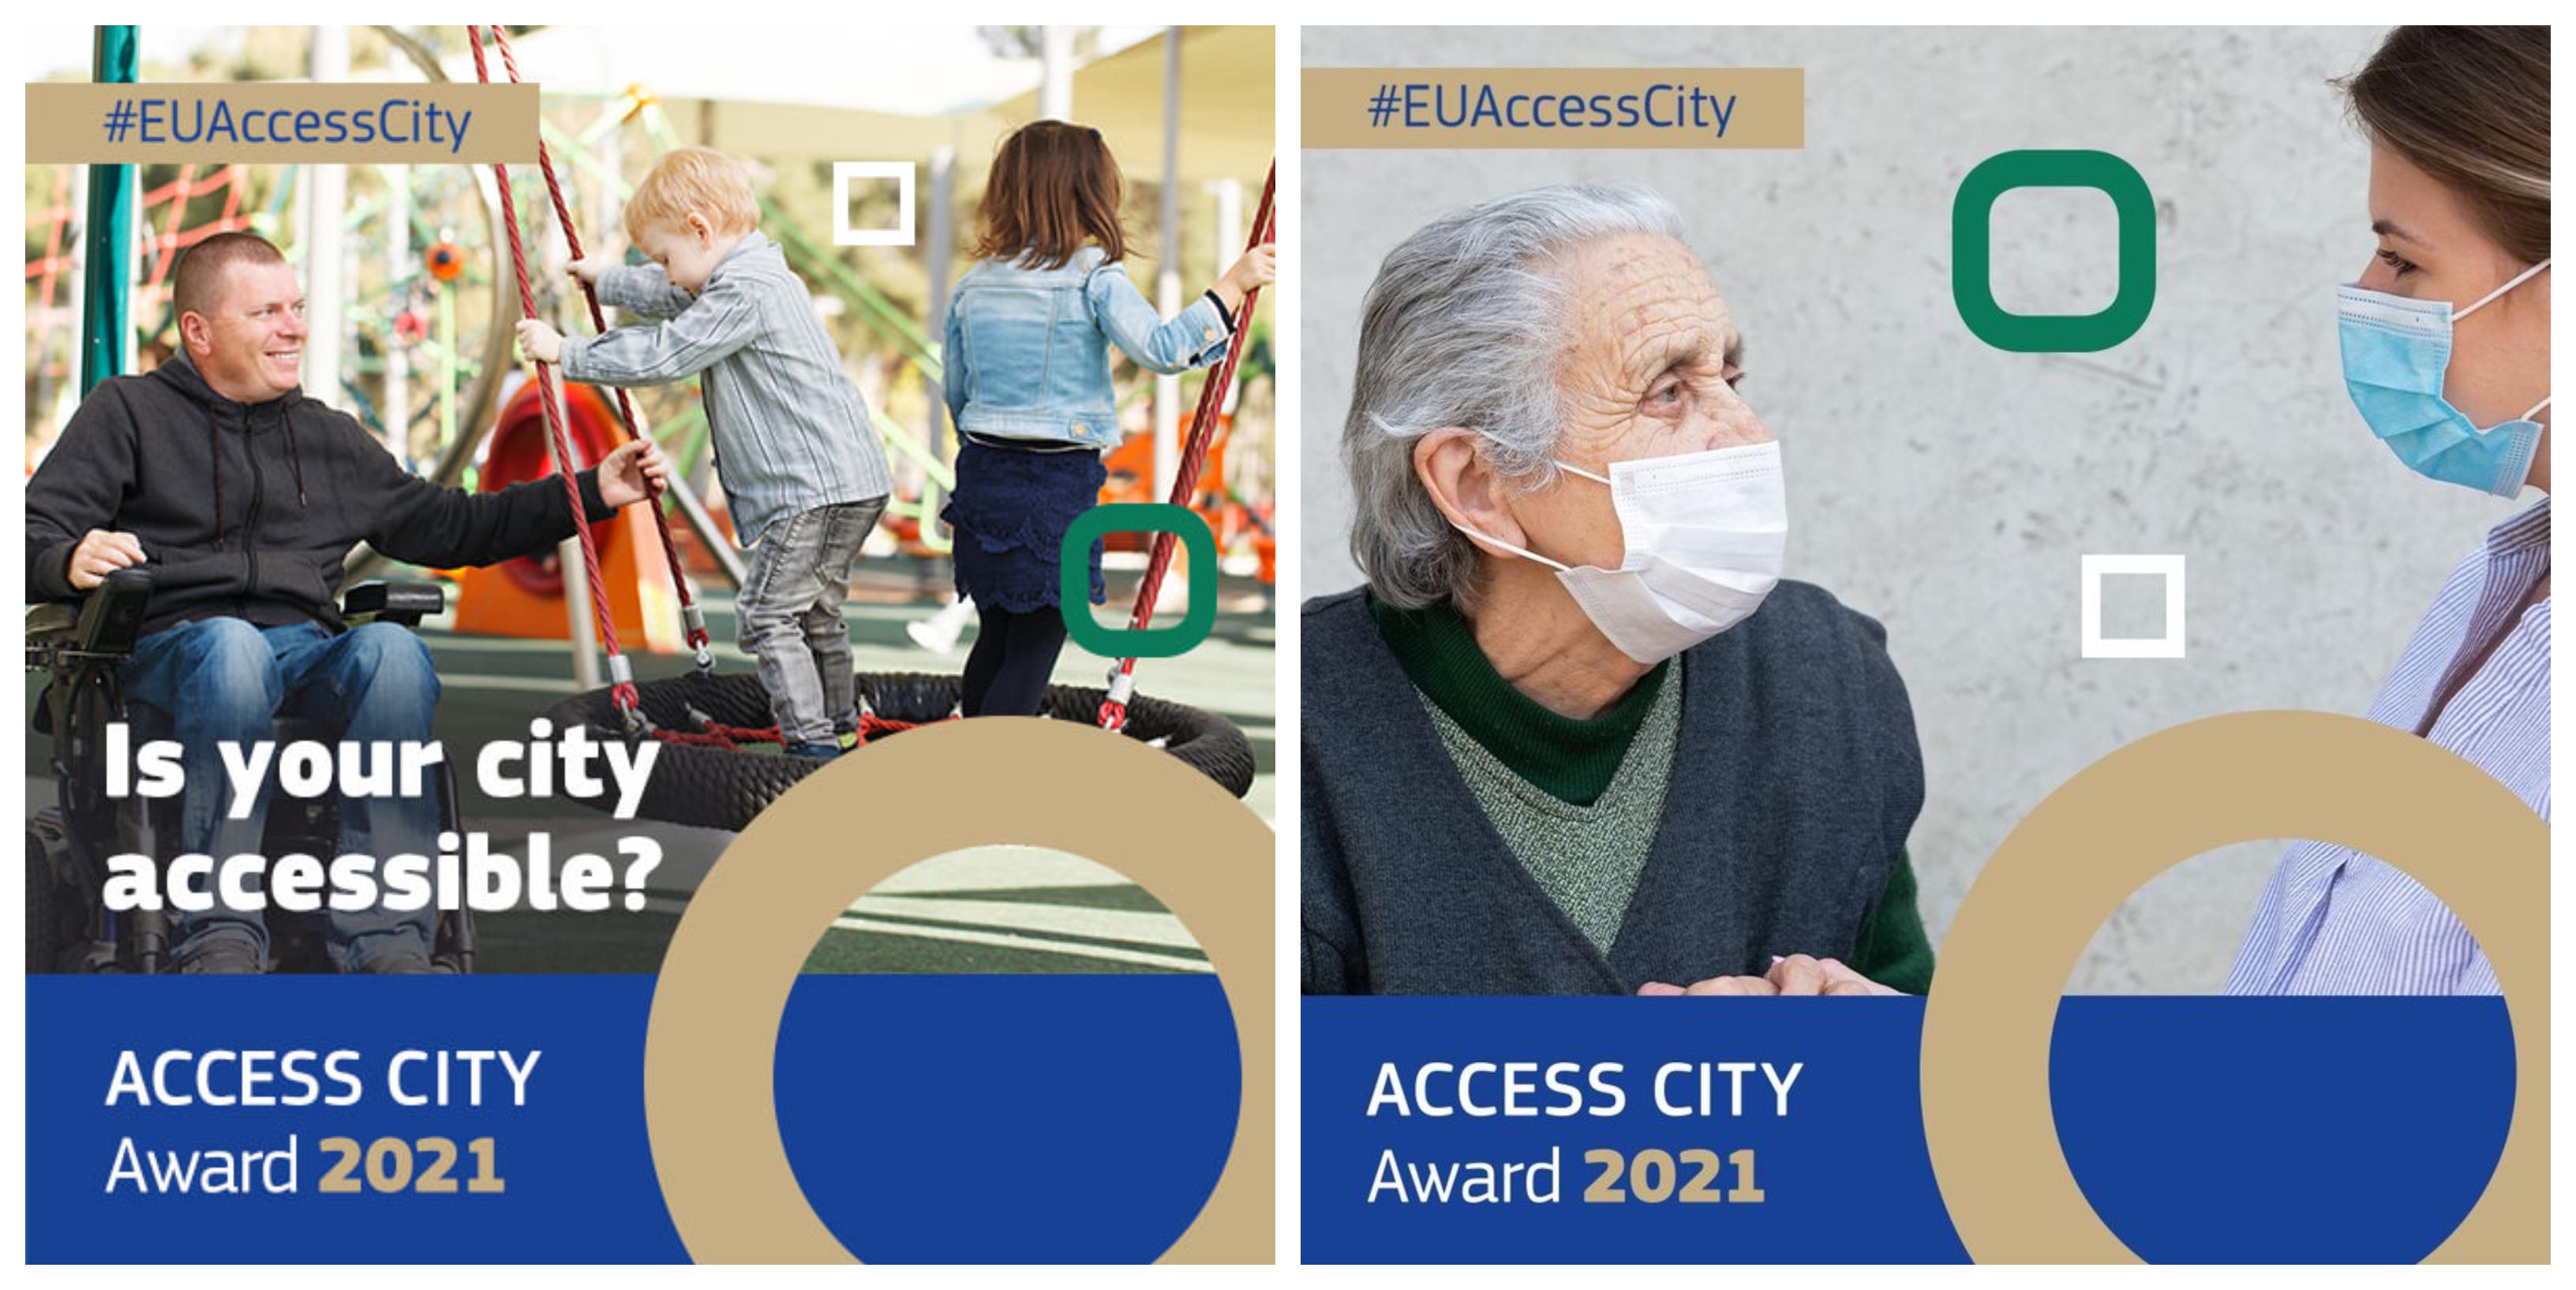 Kolaż zdjęć: mężczyzna z niepełnosprawnością na wózku bawi się na placu zabaw z dzieckiem; seniorka w maseczce ochronnej rozmawia z młodą kobietą w maseczce. Źródło: Access City Award